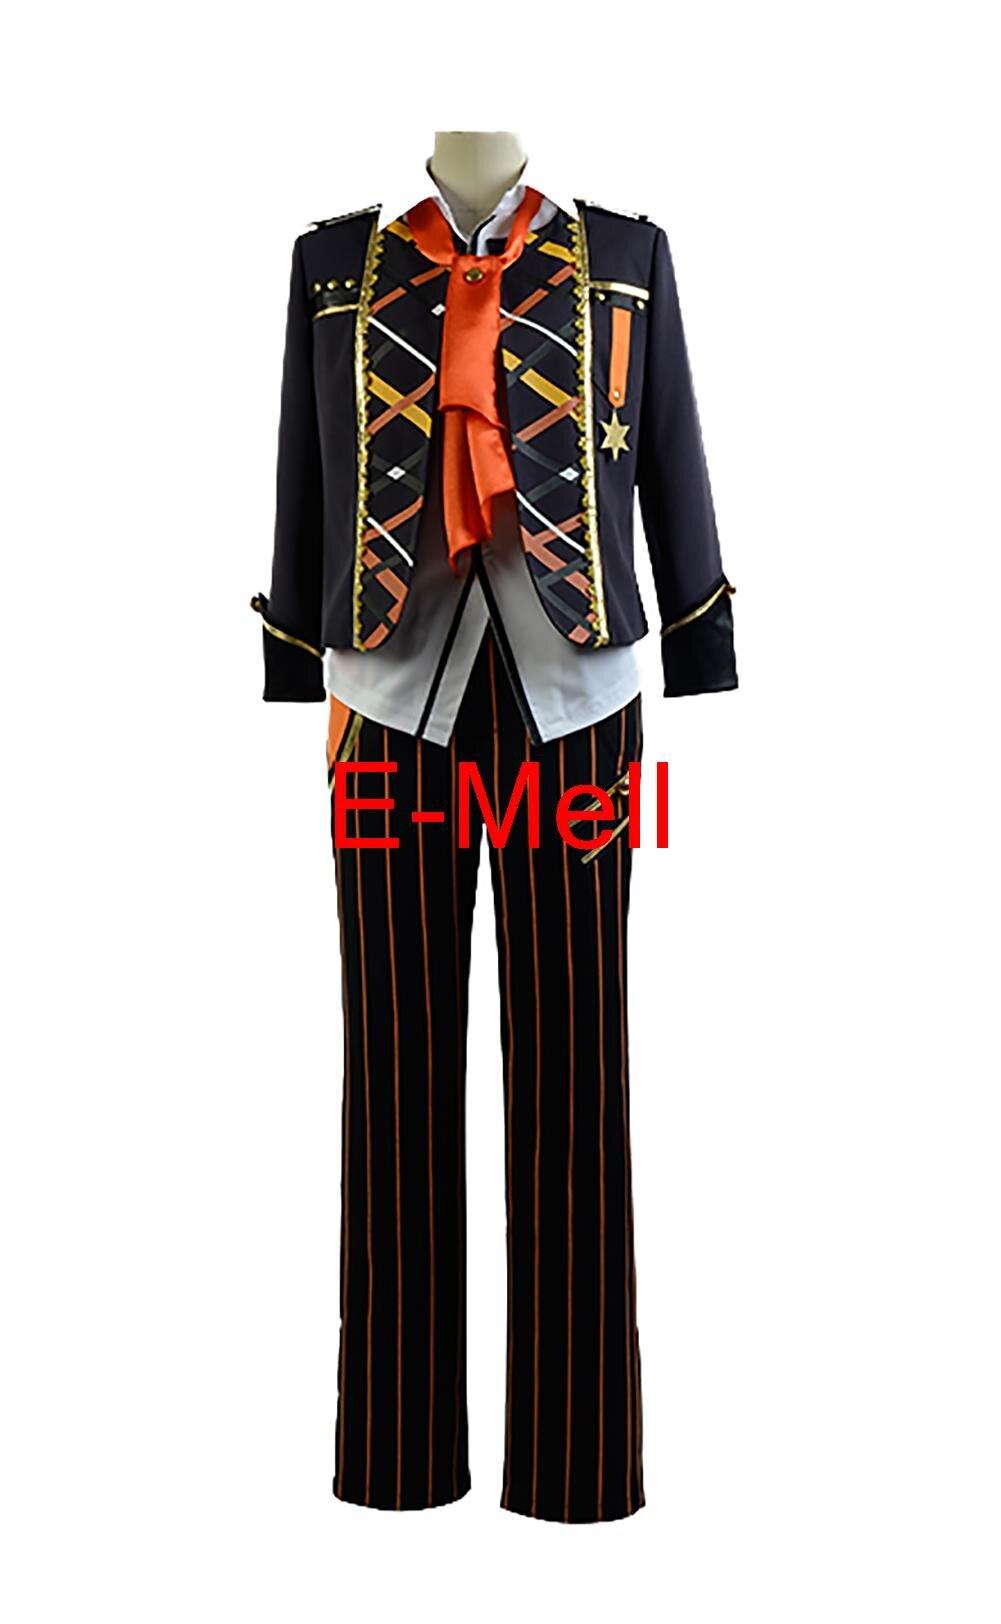 Free shipping THE ANIMATION UDUKI ARATA cosplay costume clothing halloween anime coat font b jacket b